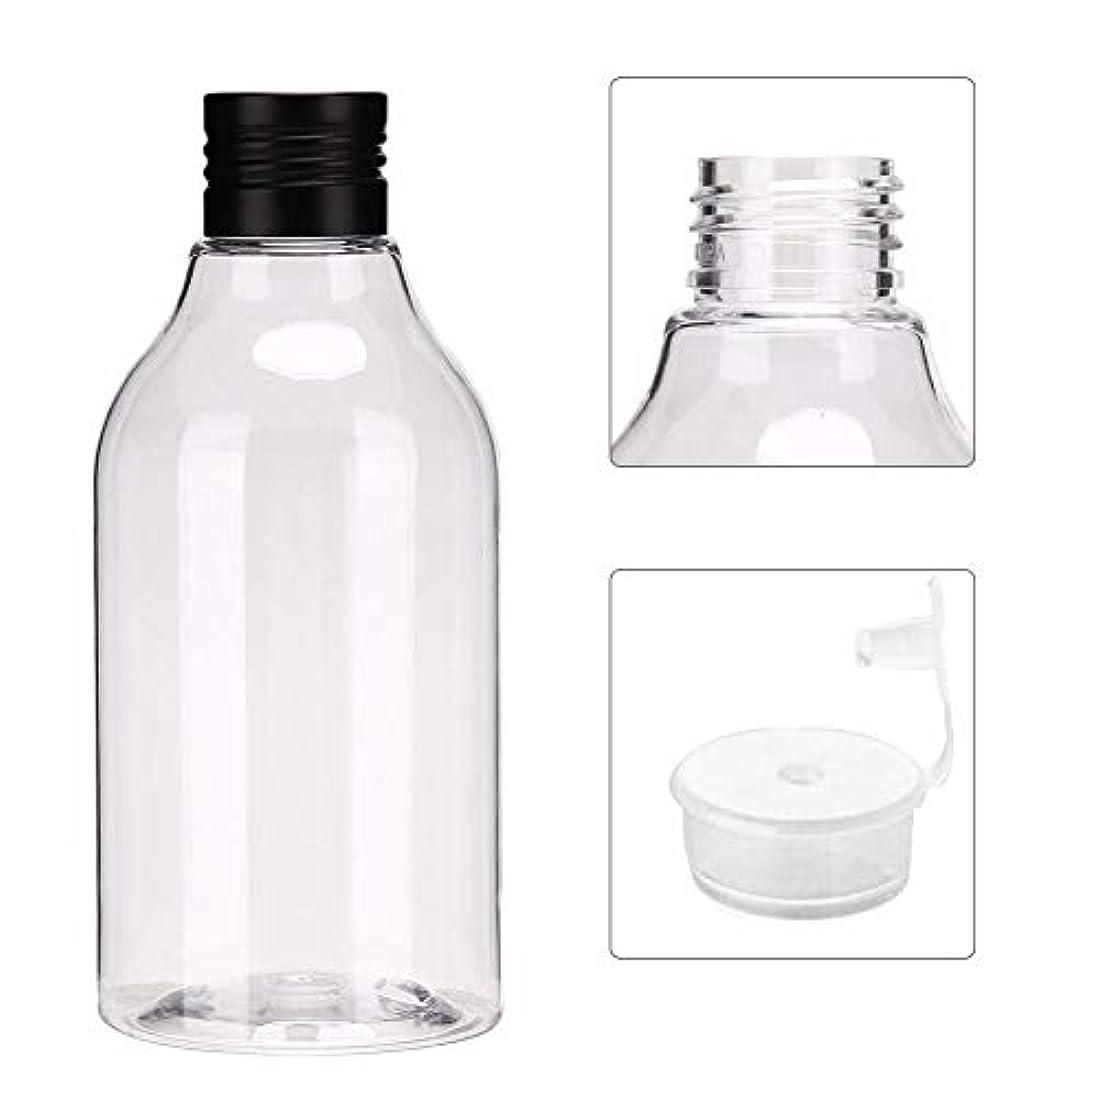 消費するライバルオール200 ML透明 薄い ネックトナー 空のストレー ジボトル詰め替え DIY 化粧液容器 ローションエマルジョントナー エッセンシャルオイル シャワージェル シャンプー